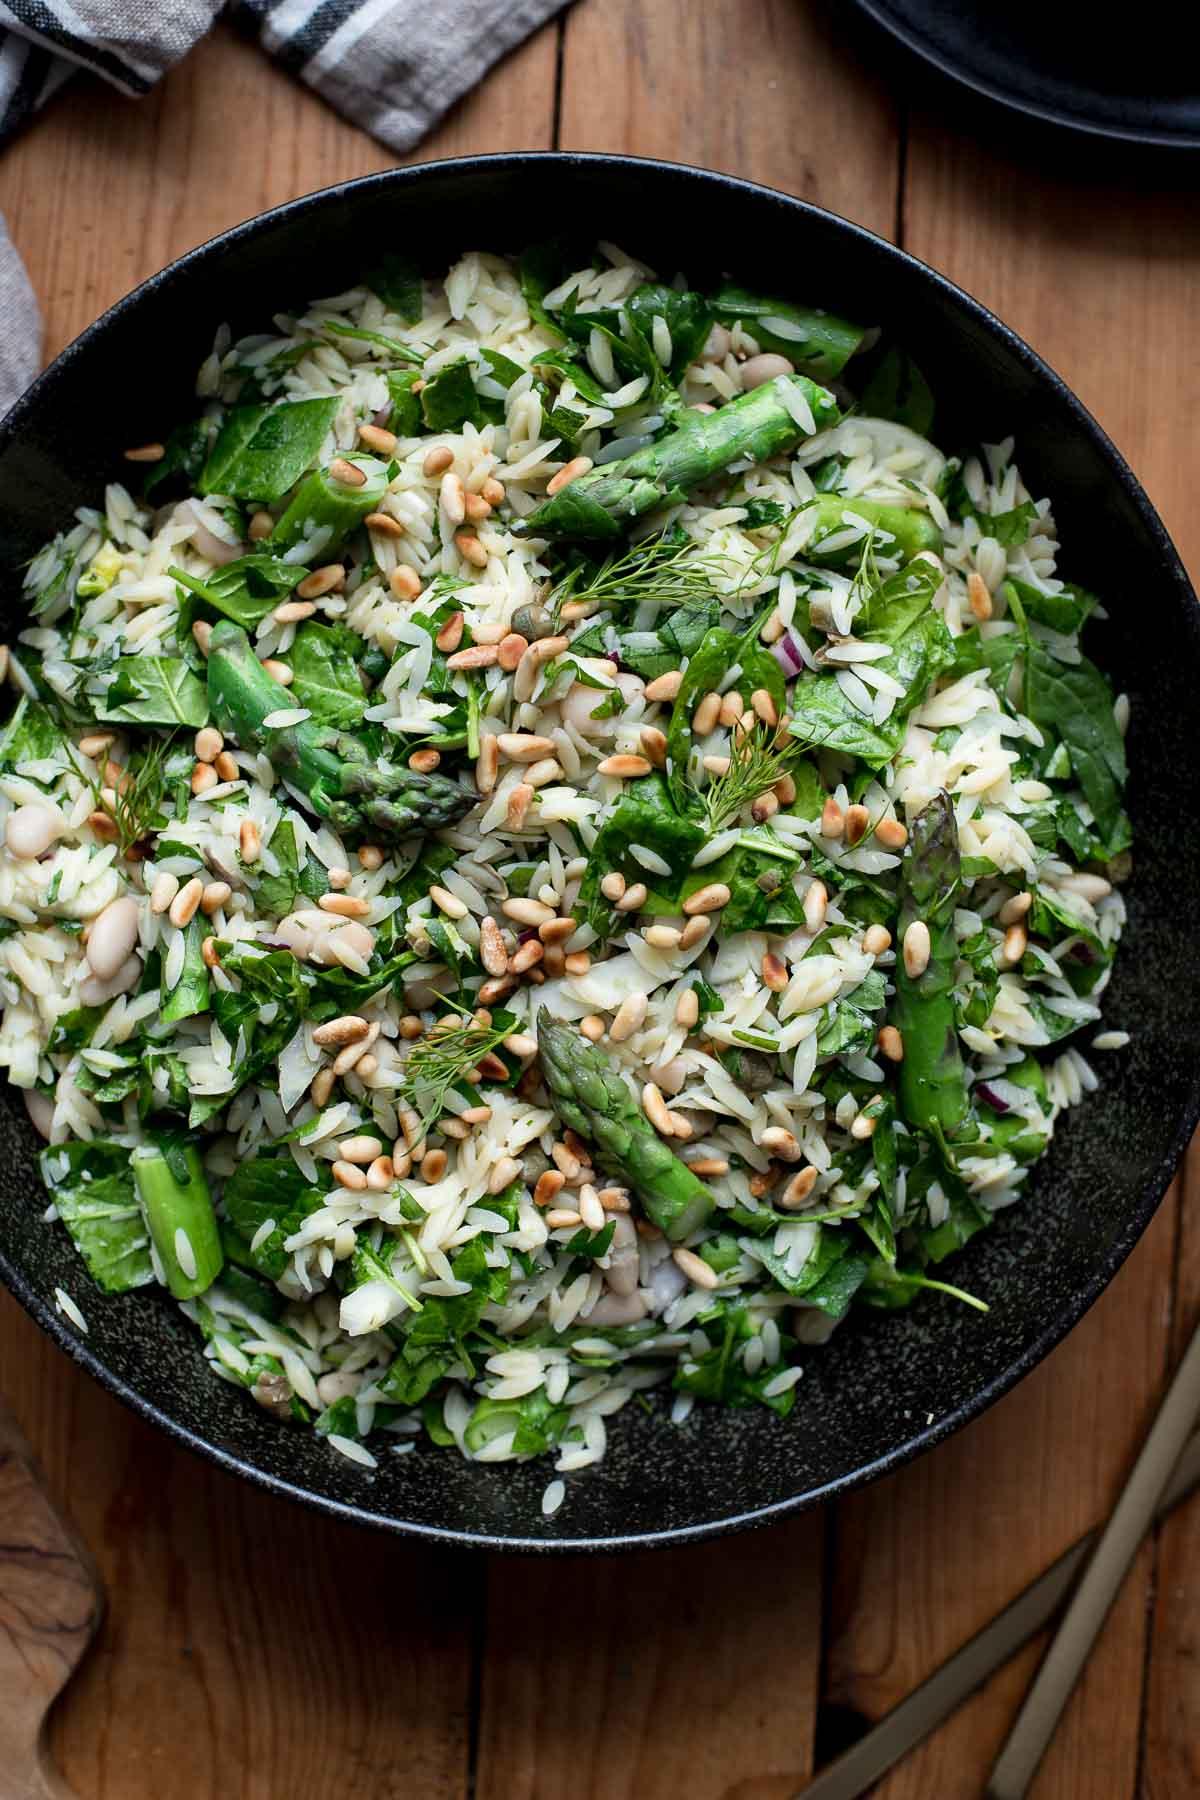 (Risoni, Kritharaki) Asparagus Orzo Salad with Herbs and Lemon